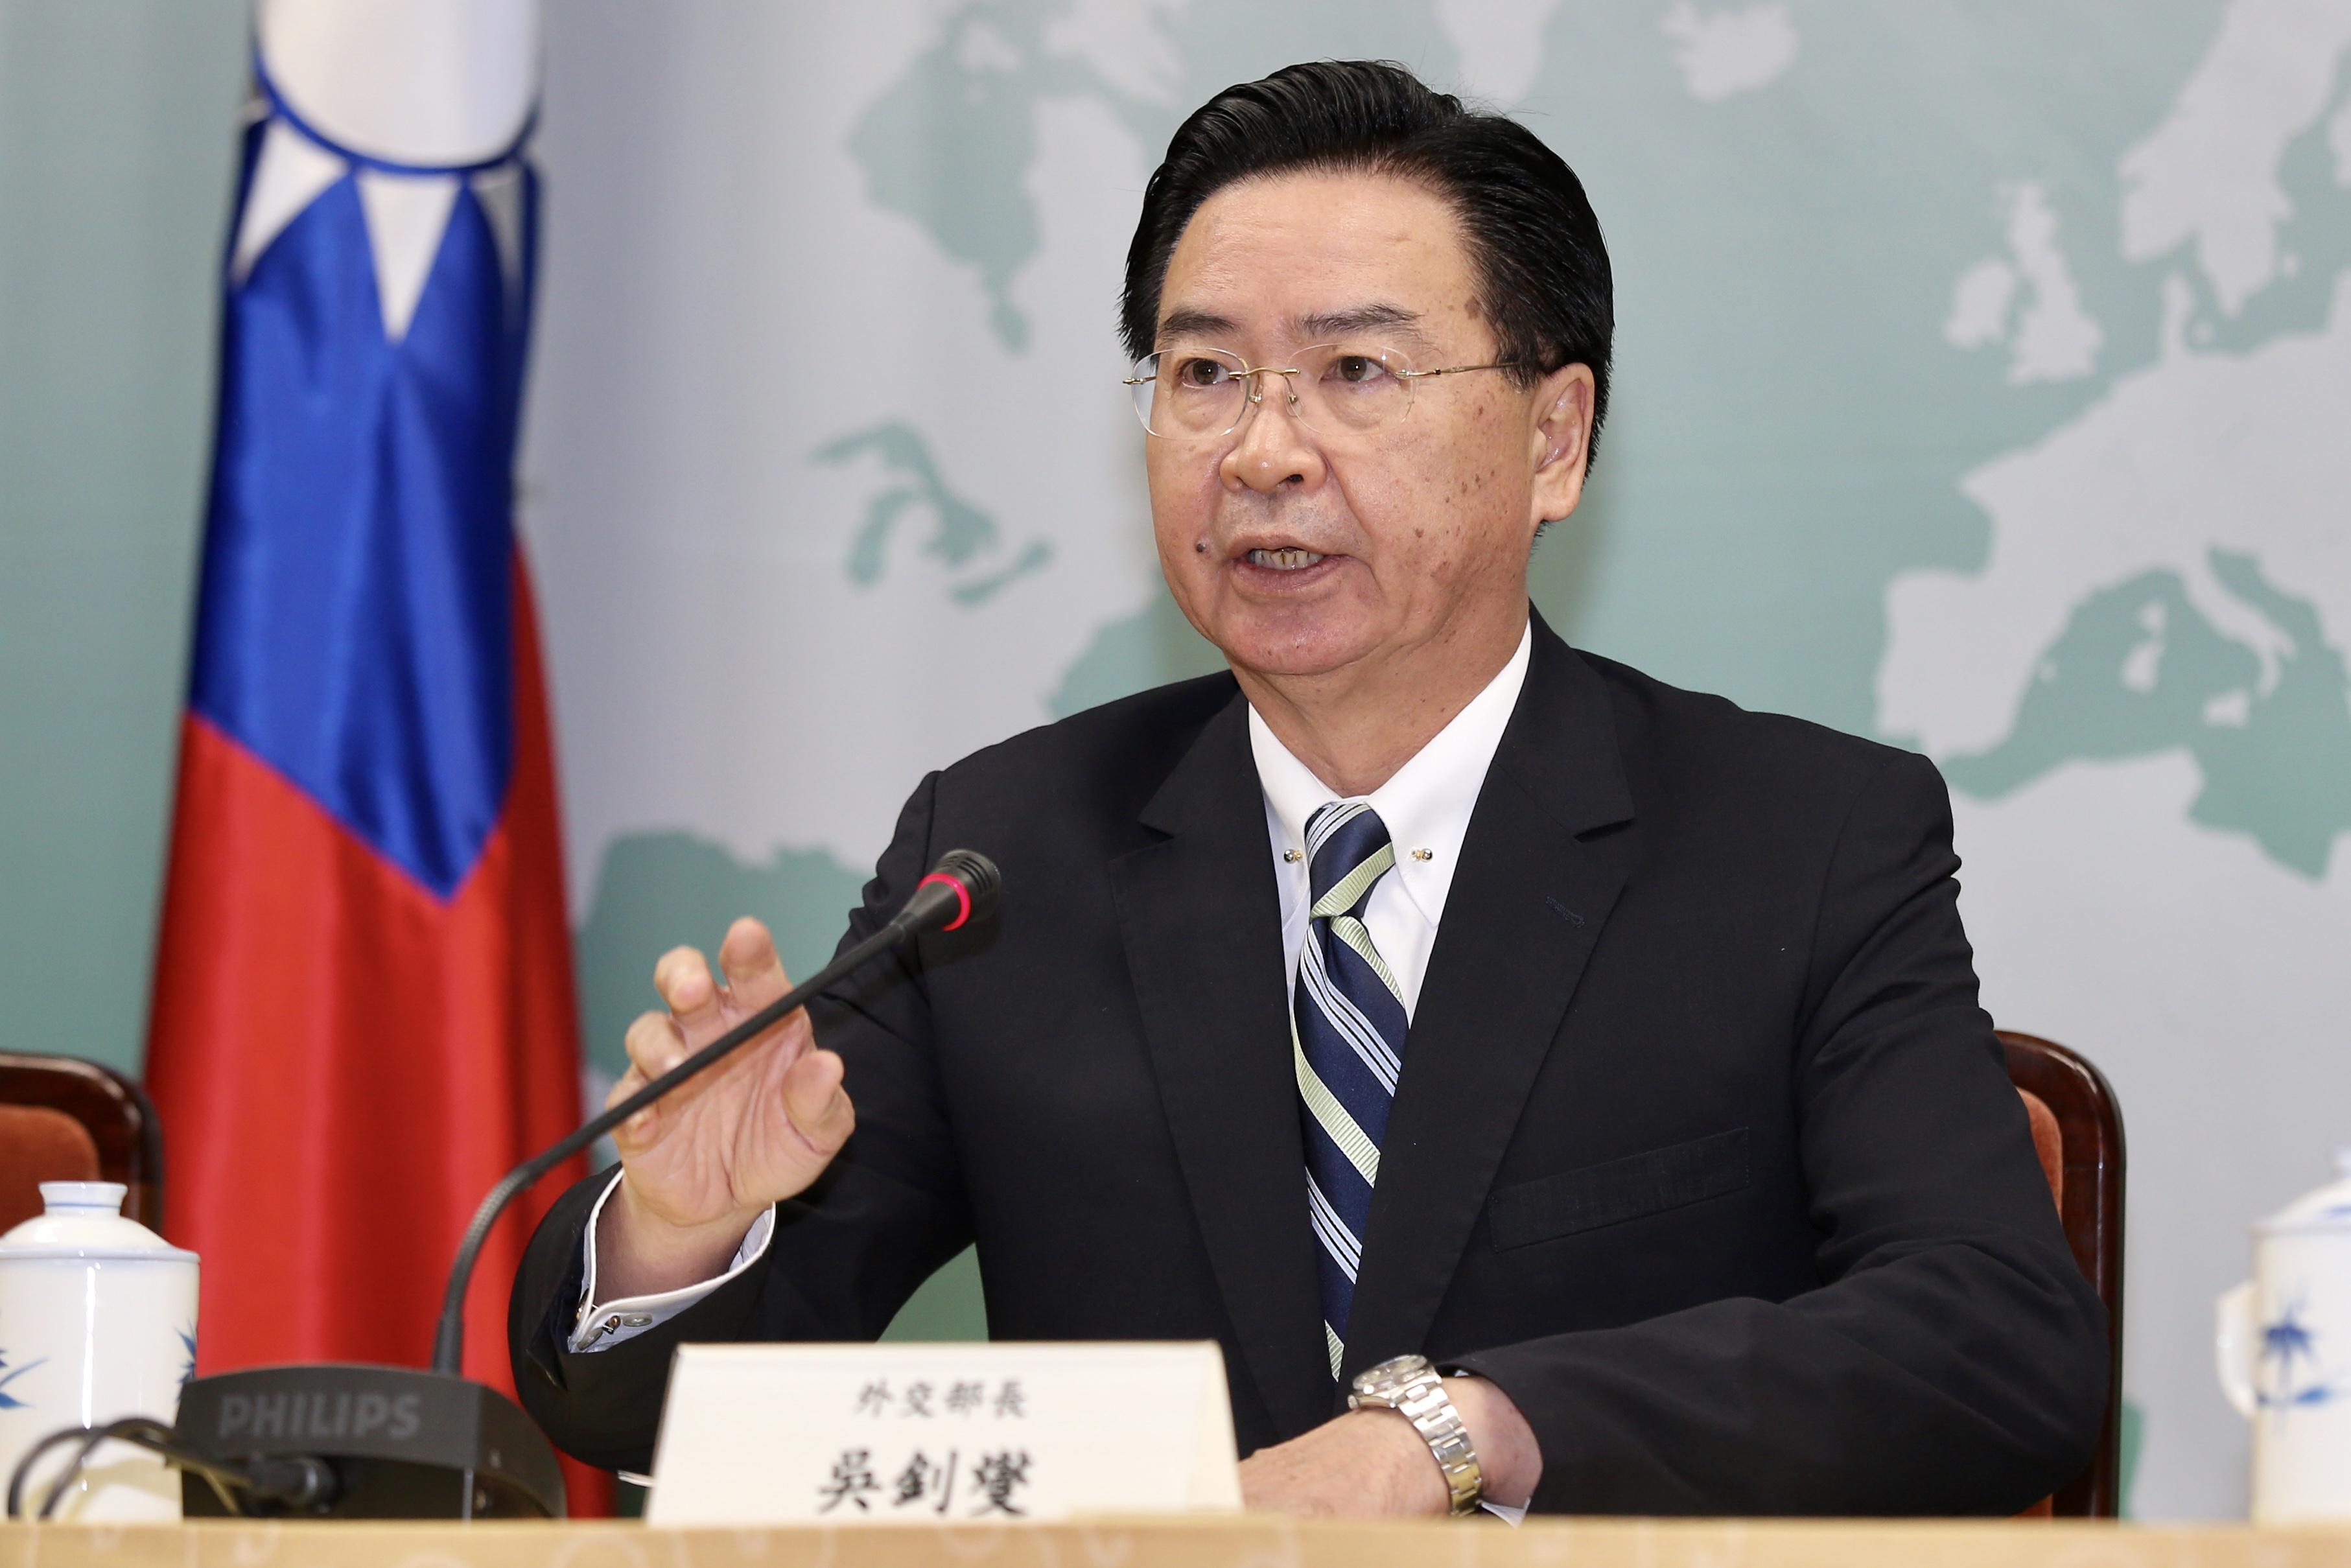 外交部長吳釗燮20日舉行記者會宣布,中華民國即日起與吉里巴斯斷交。(記者林伯東/攝影)